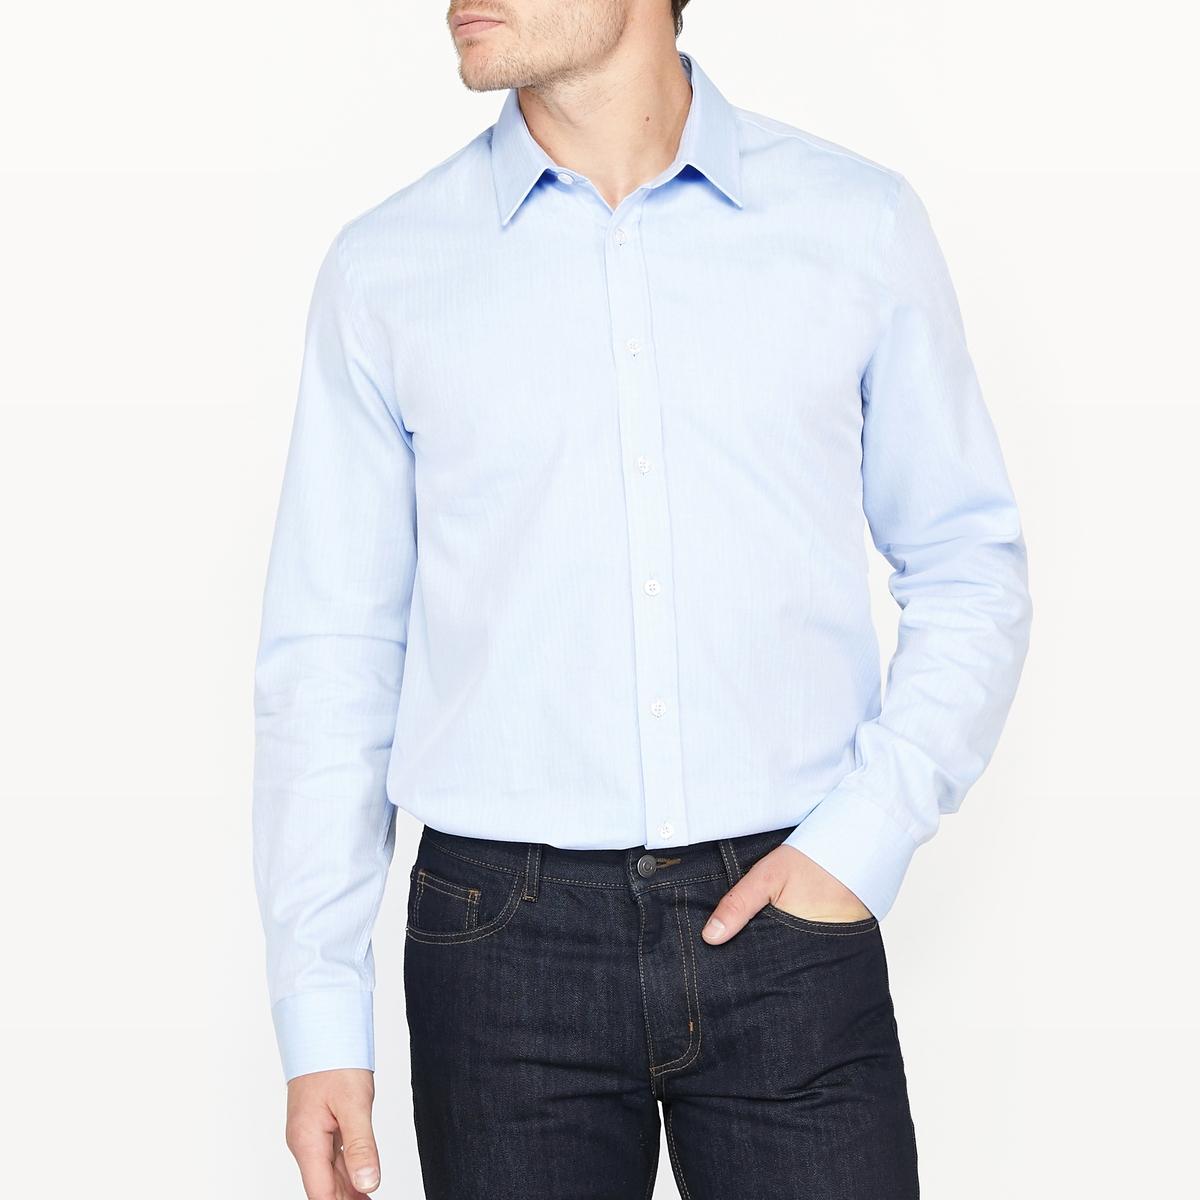 Рубашка узкая с узором 100% хлопокРубашка с длинными рукавами и зигзагообразным узором. Узкий покрой и классический воротник со свободными кончиками. Закругленный низ. Состав и описание:Материал  100% хлопкаМарка  R essentielДлина: 79 см Уход:Машинная стирка при 40 °ССтирка с вещами схожих цветовОтбеливание запрещеноГладить на средней температуре Сухая (химическая) чистка запрещенаМашинная сушка запрещена<br><br>Цвет: синий